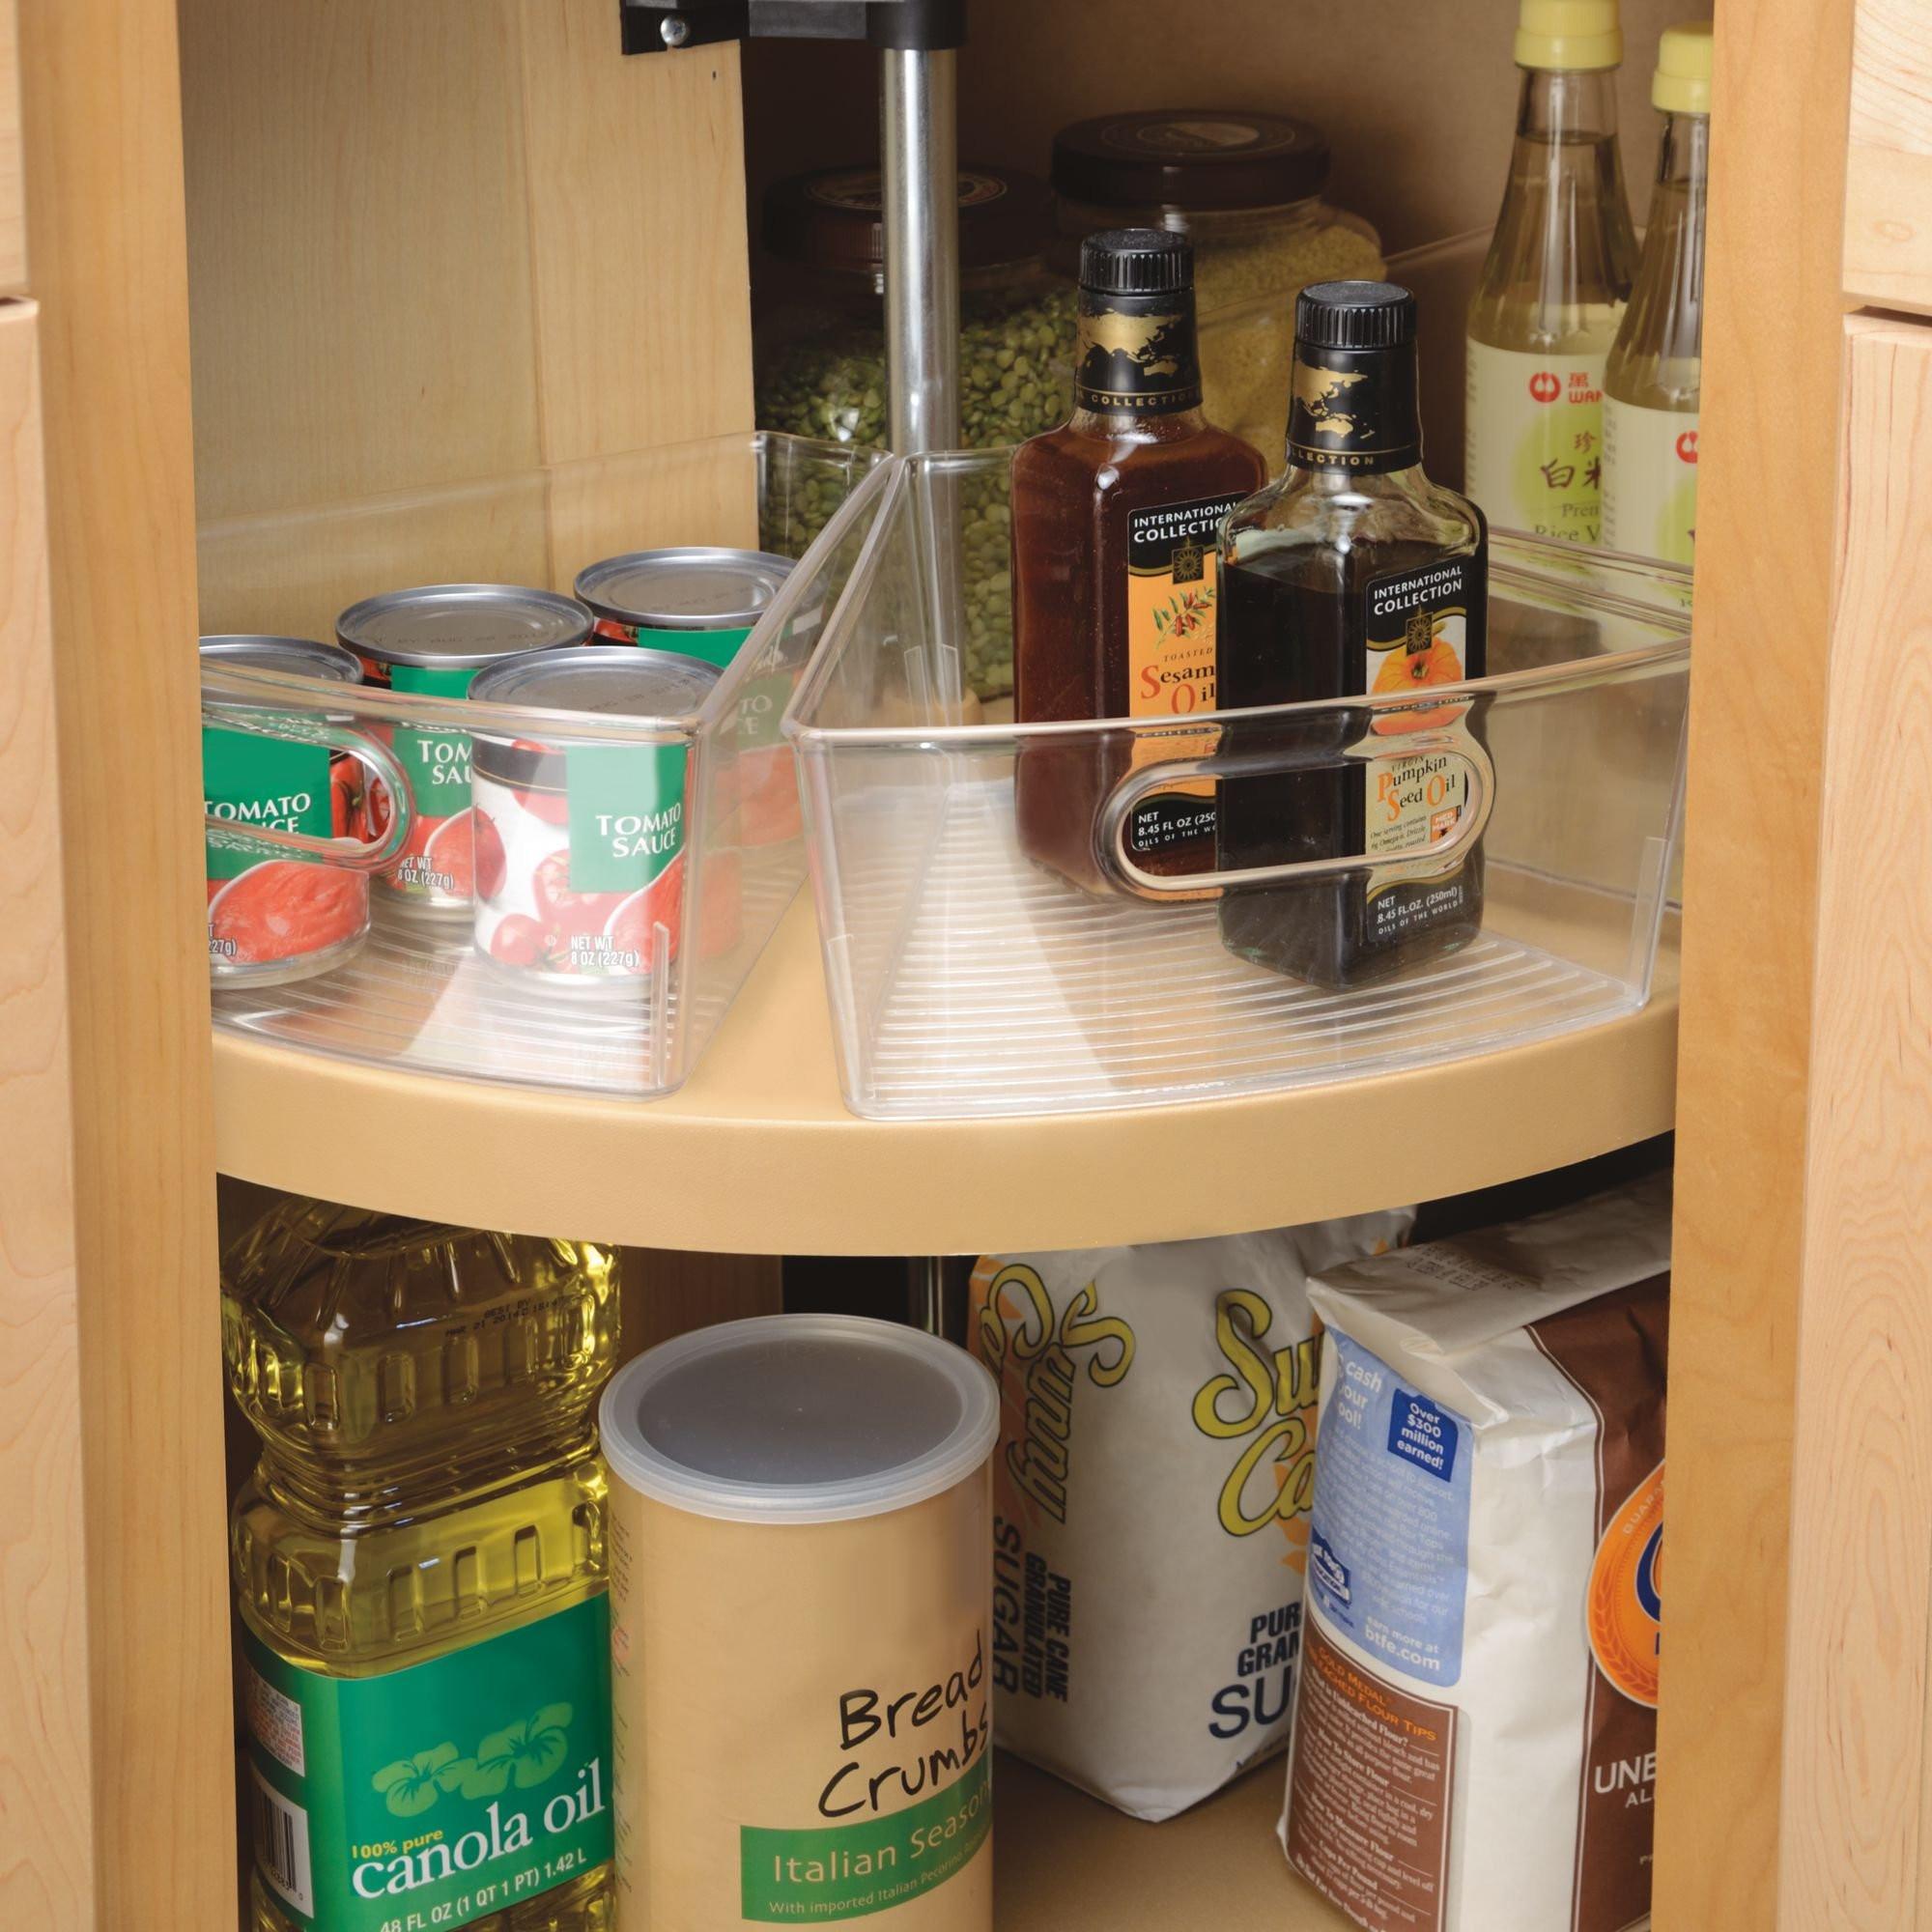 Best ideas about Lazy Susan Cabinet Organizer . Save or Pin mDesign Kitchen Cabinet Lazy Susan Storage Organizer Bin Now.